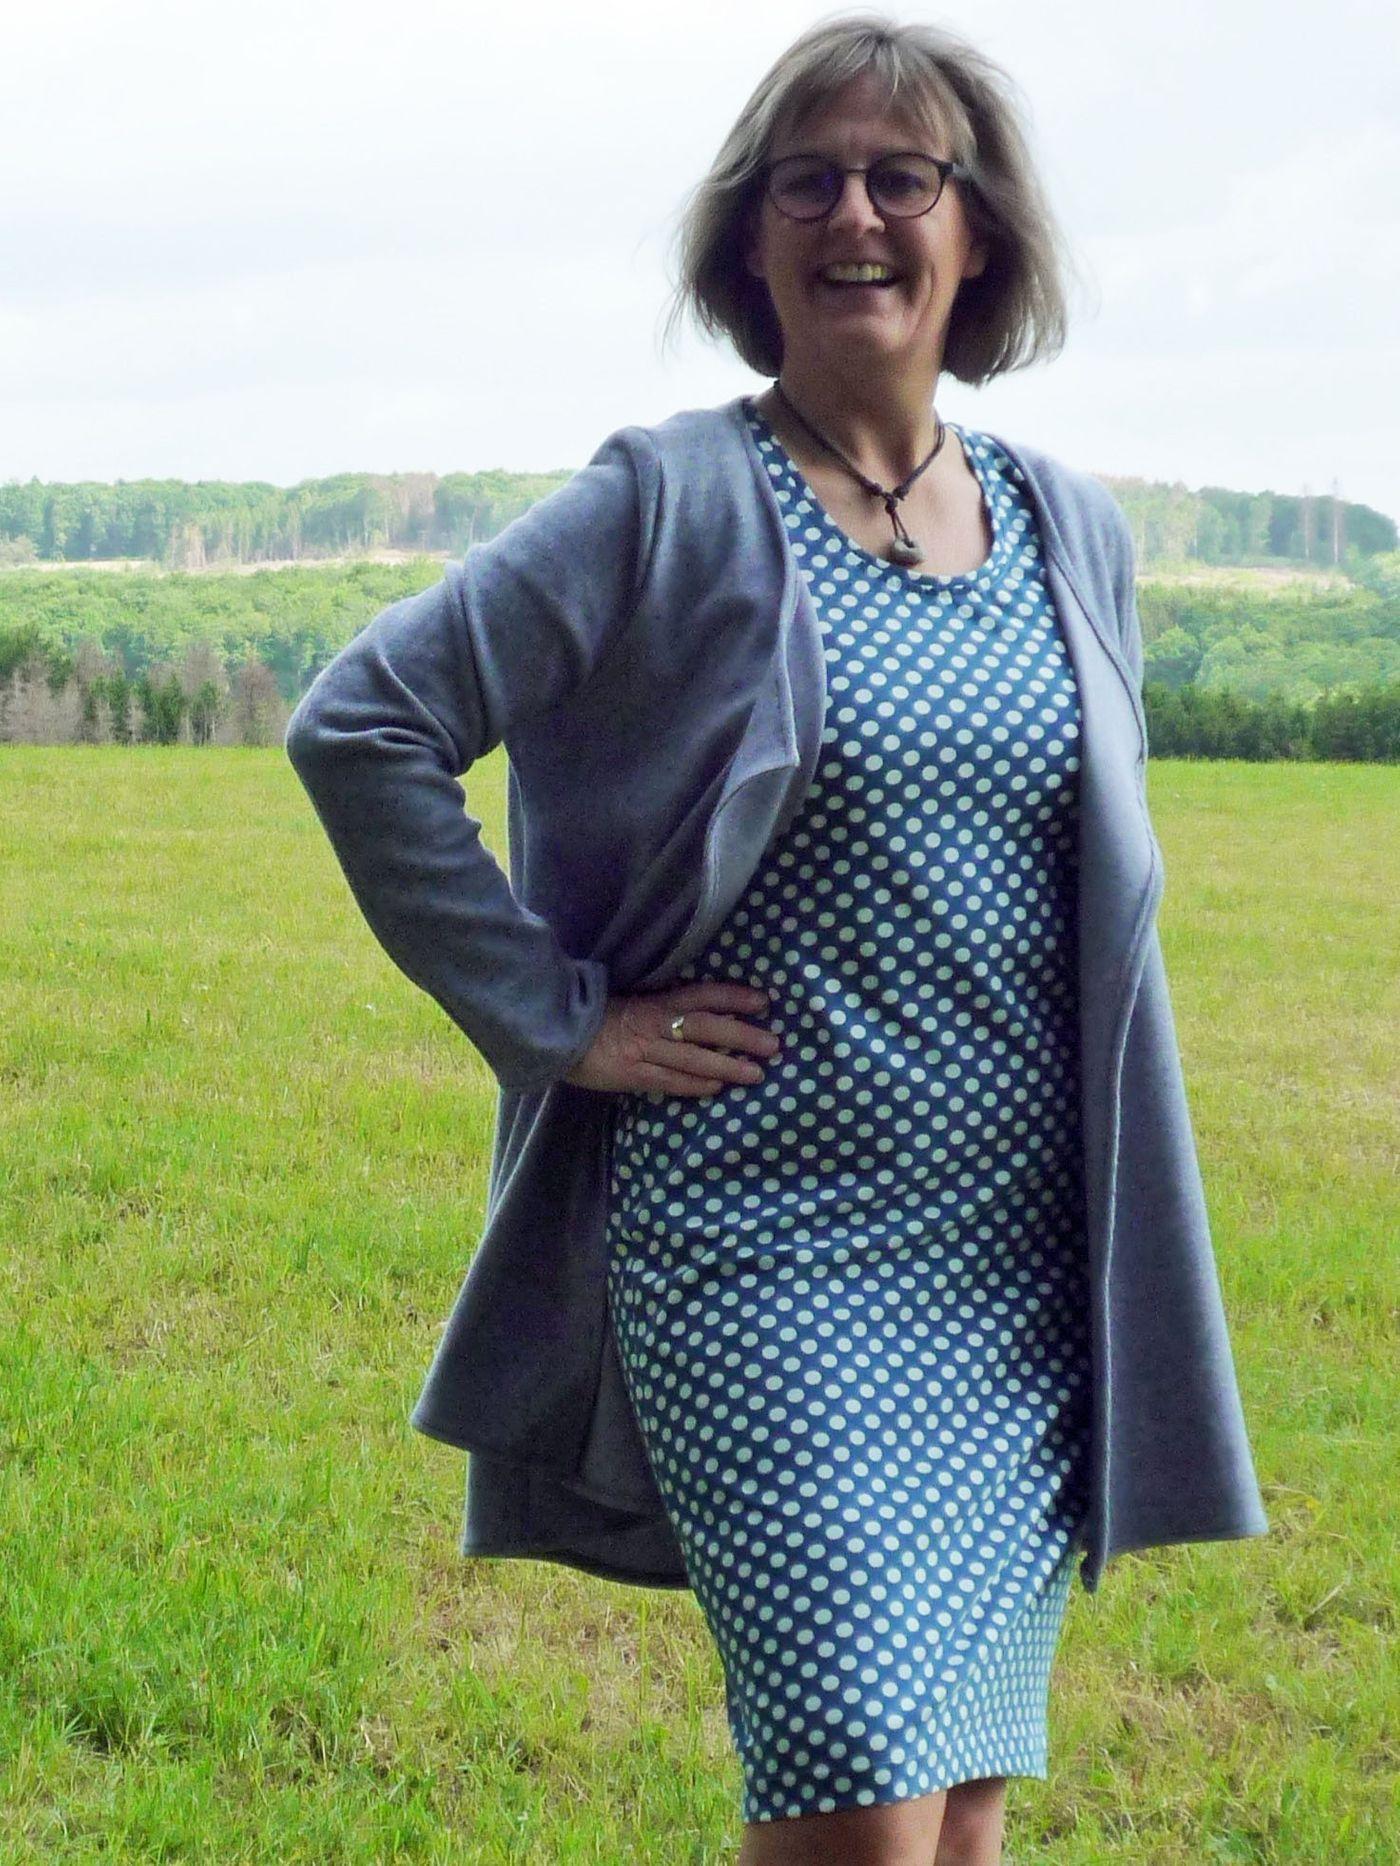 Produktfoto 4 von Unendlich schön - Design Anita Lüchtefeld für Schnittmuster Cardigan Zahra & Basicoberteil Lilie von 34 - 56